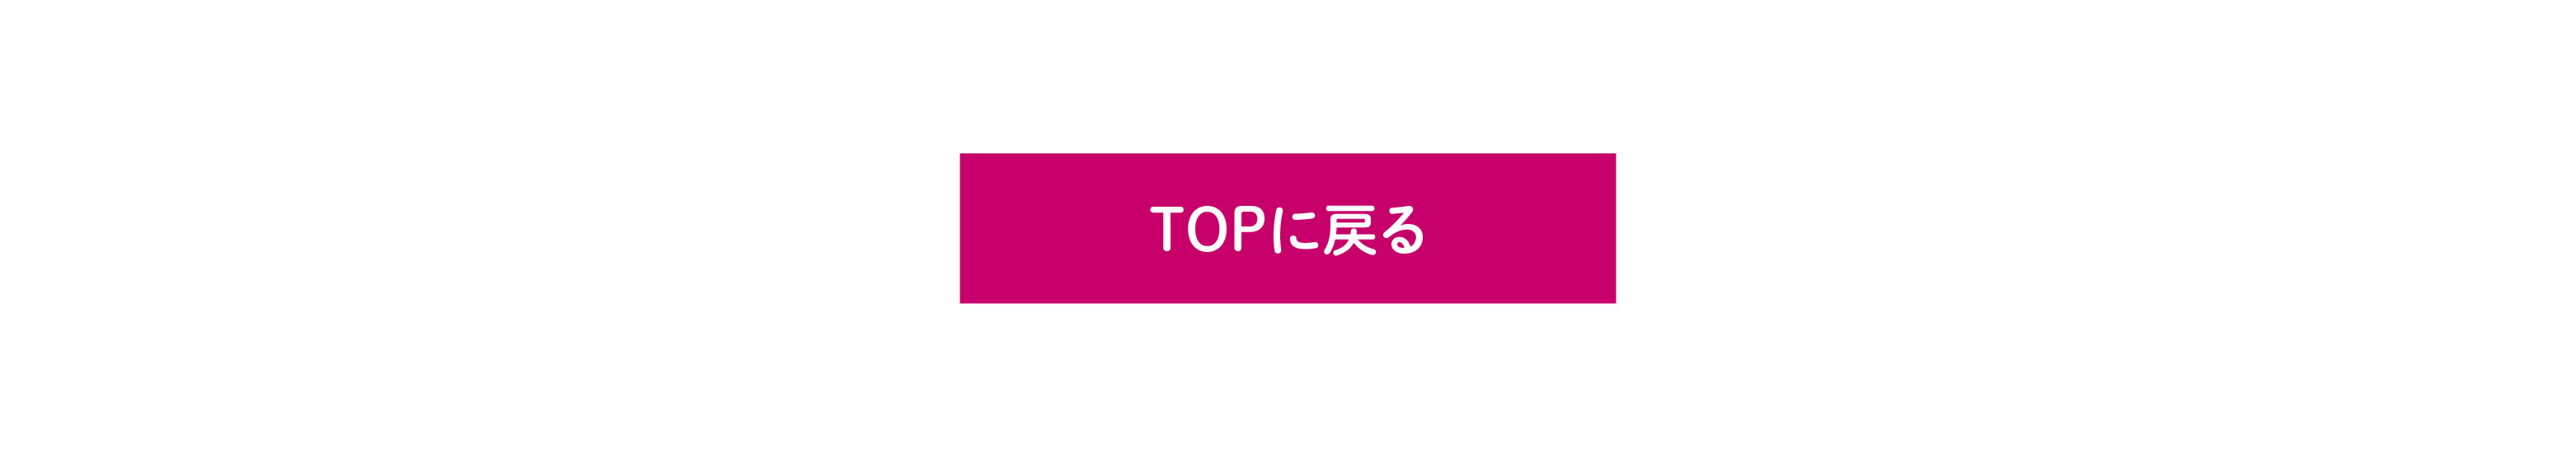 【高槻プレミアム】TOP